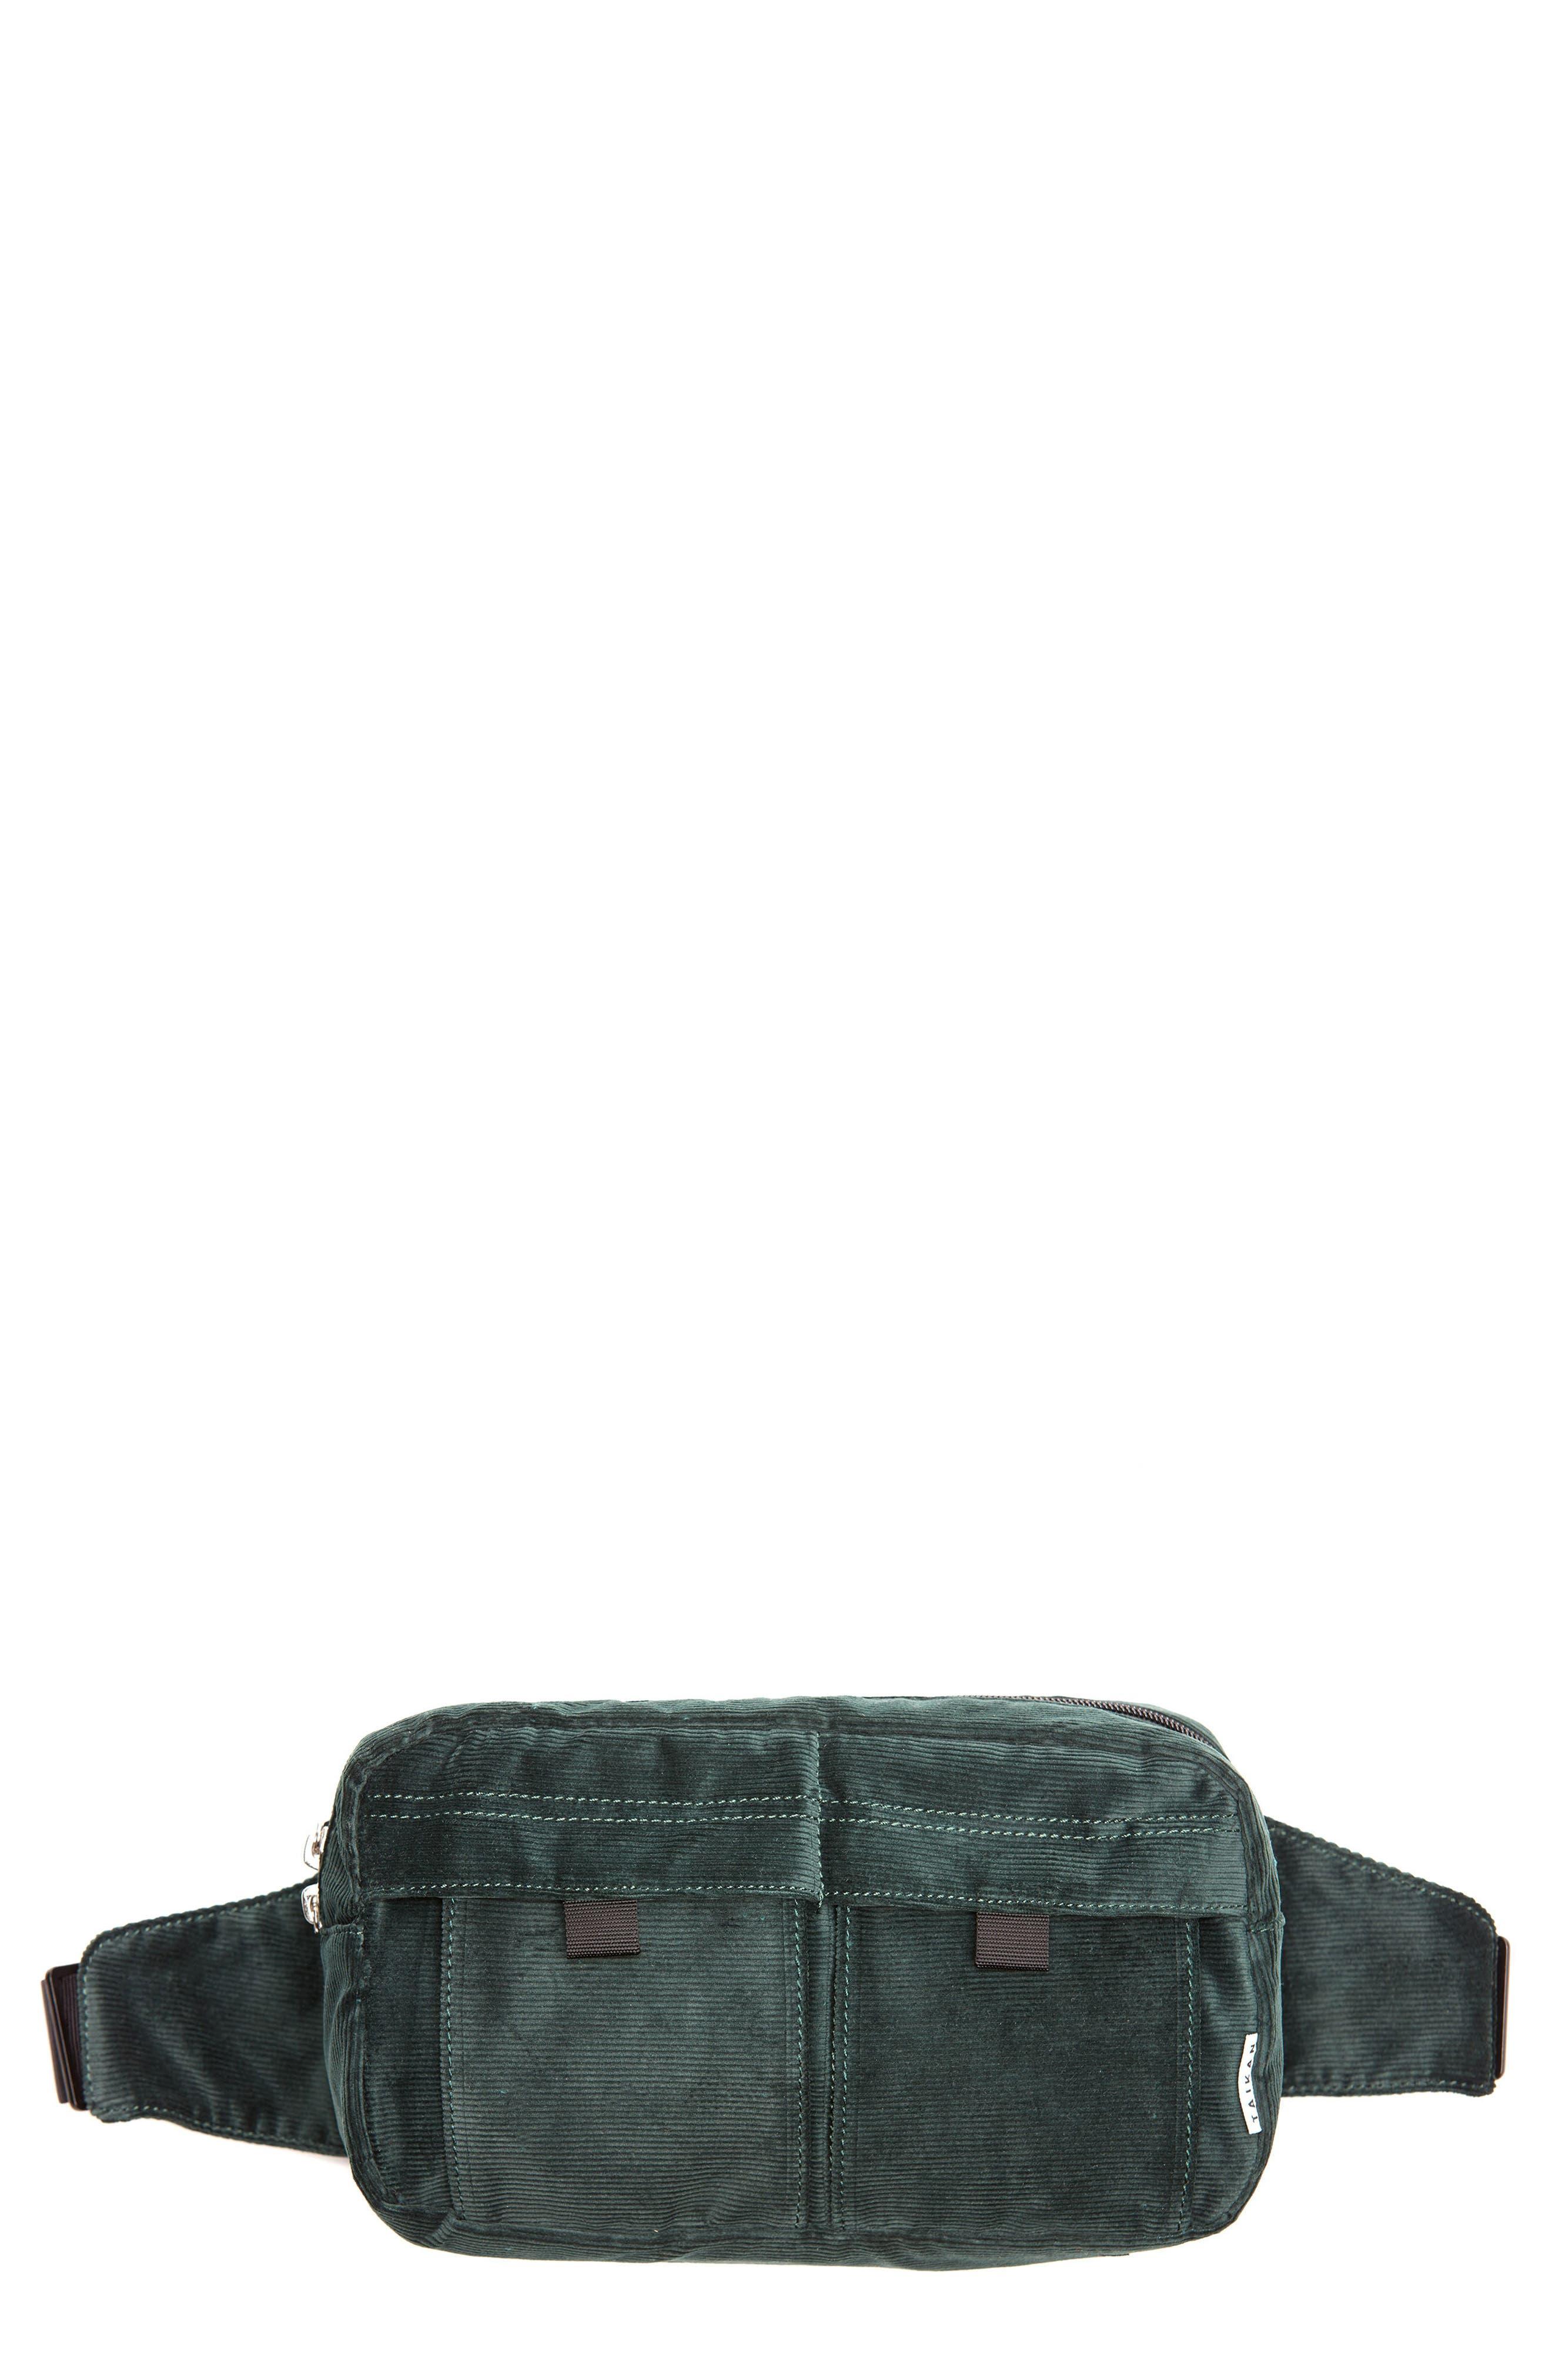 Spectre Corduroy Hip Pack,                         Main,                         color, 301